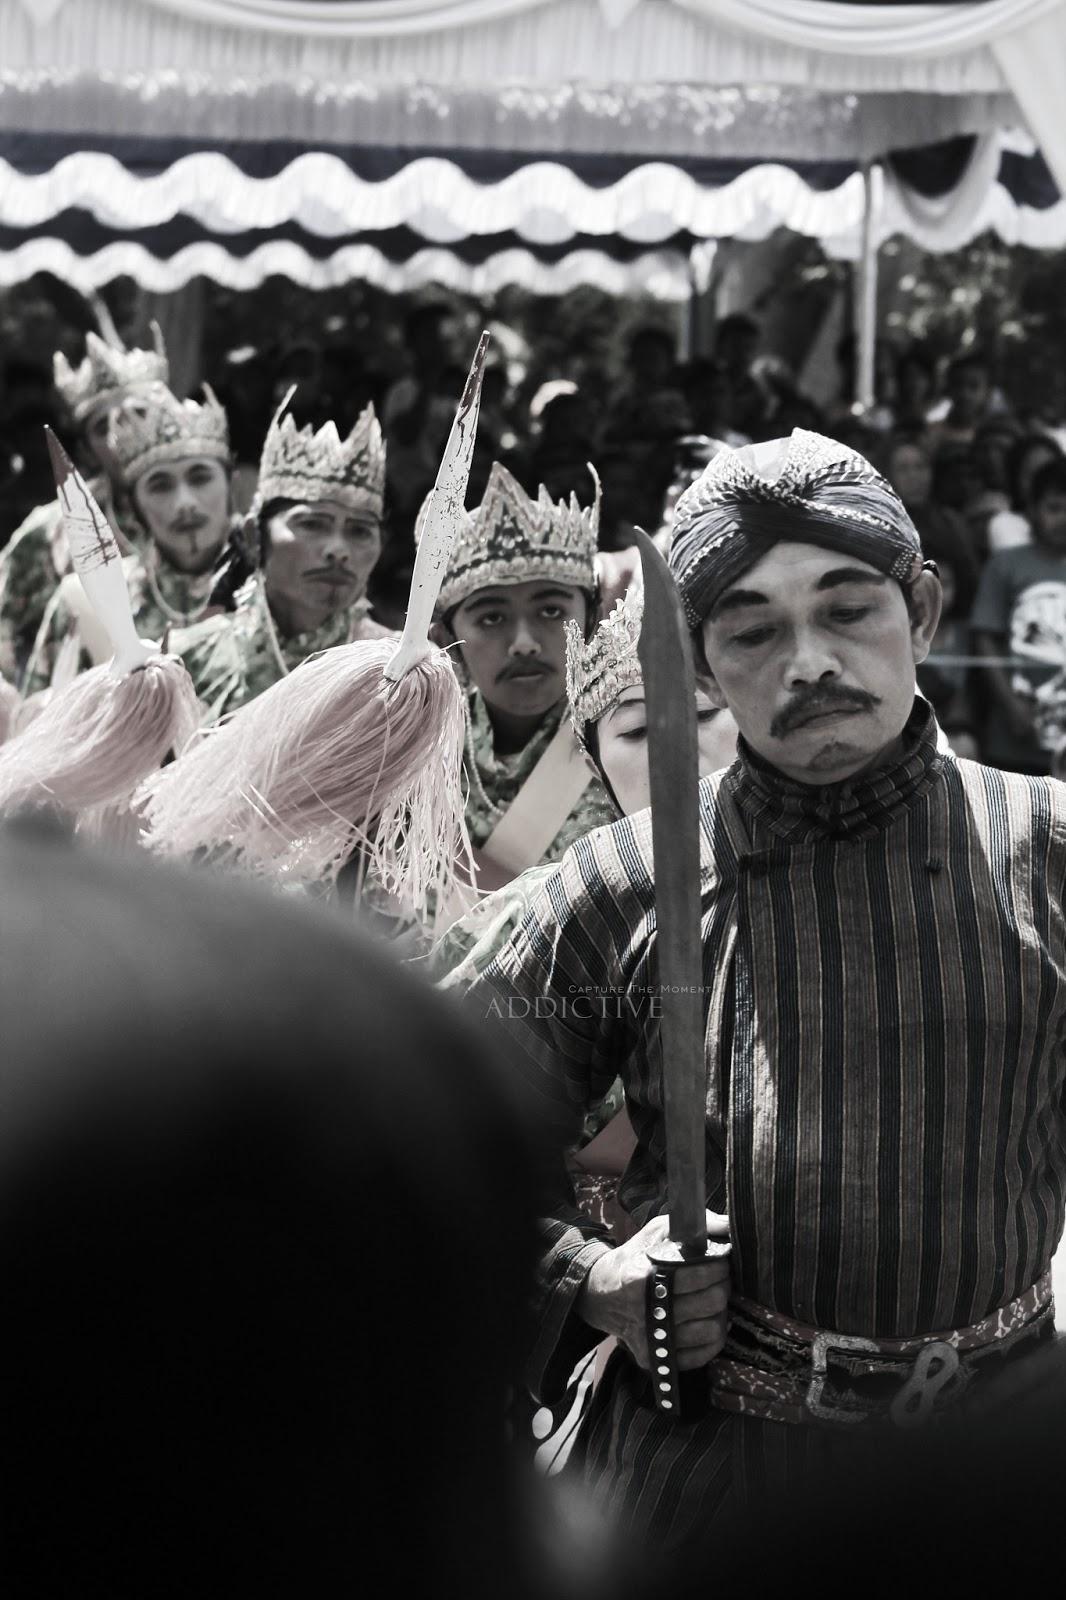 Reog Gunungkidul Kaka Widiyatmoko Pentul Men Hutan Tleseh And Friend Kesenian Di Penari Rest Area Bunder Warok